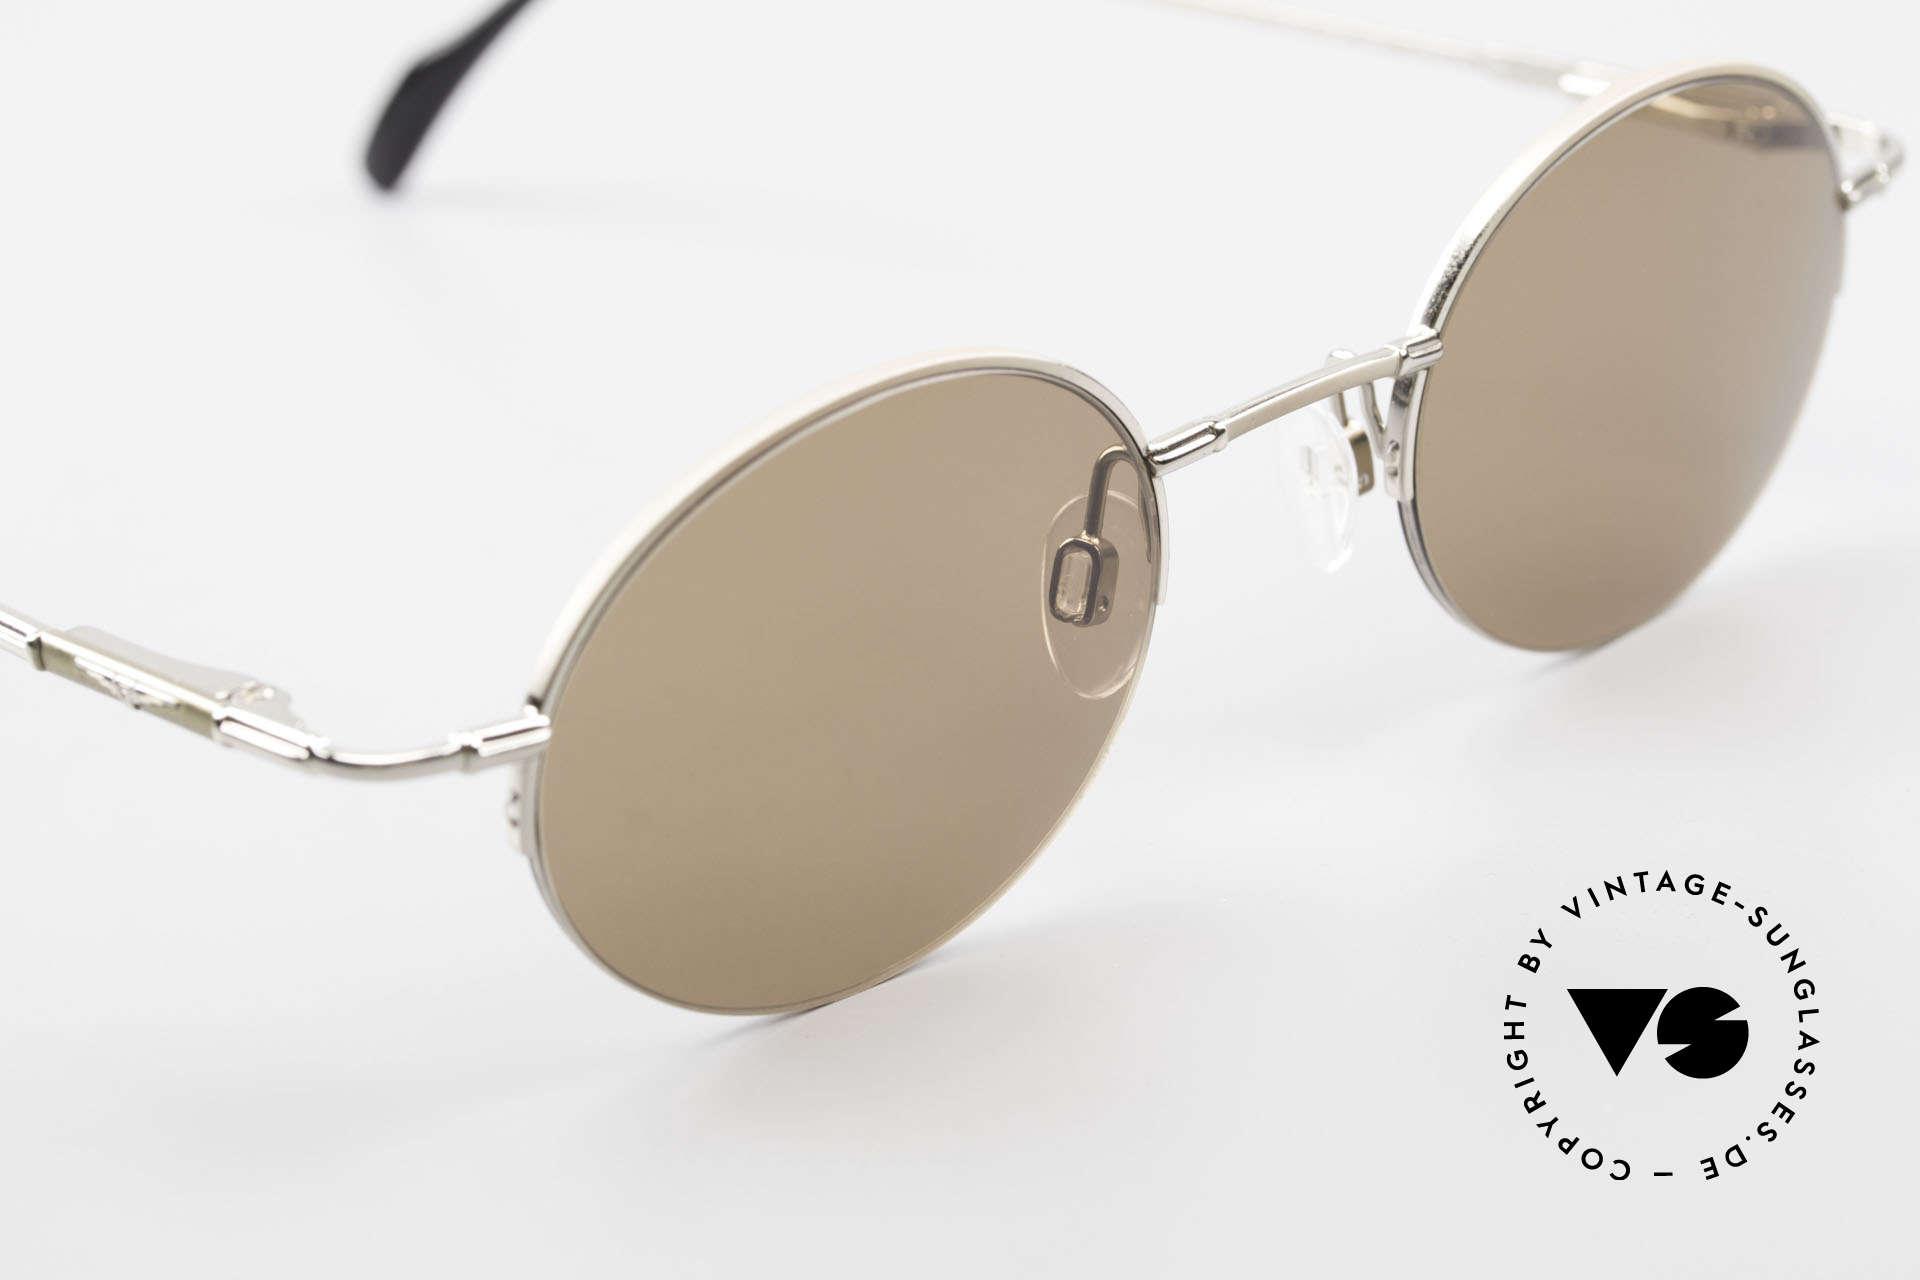 Longines 4363 Ovale Sonnenbrille 90er Rund, ungetragen (wie alle unsere ovalen 90er Sonnenbrillen), Passend für Herren und Damen